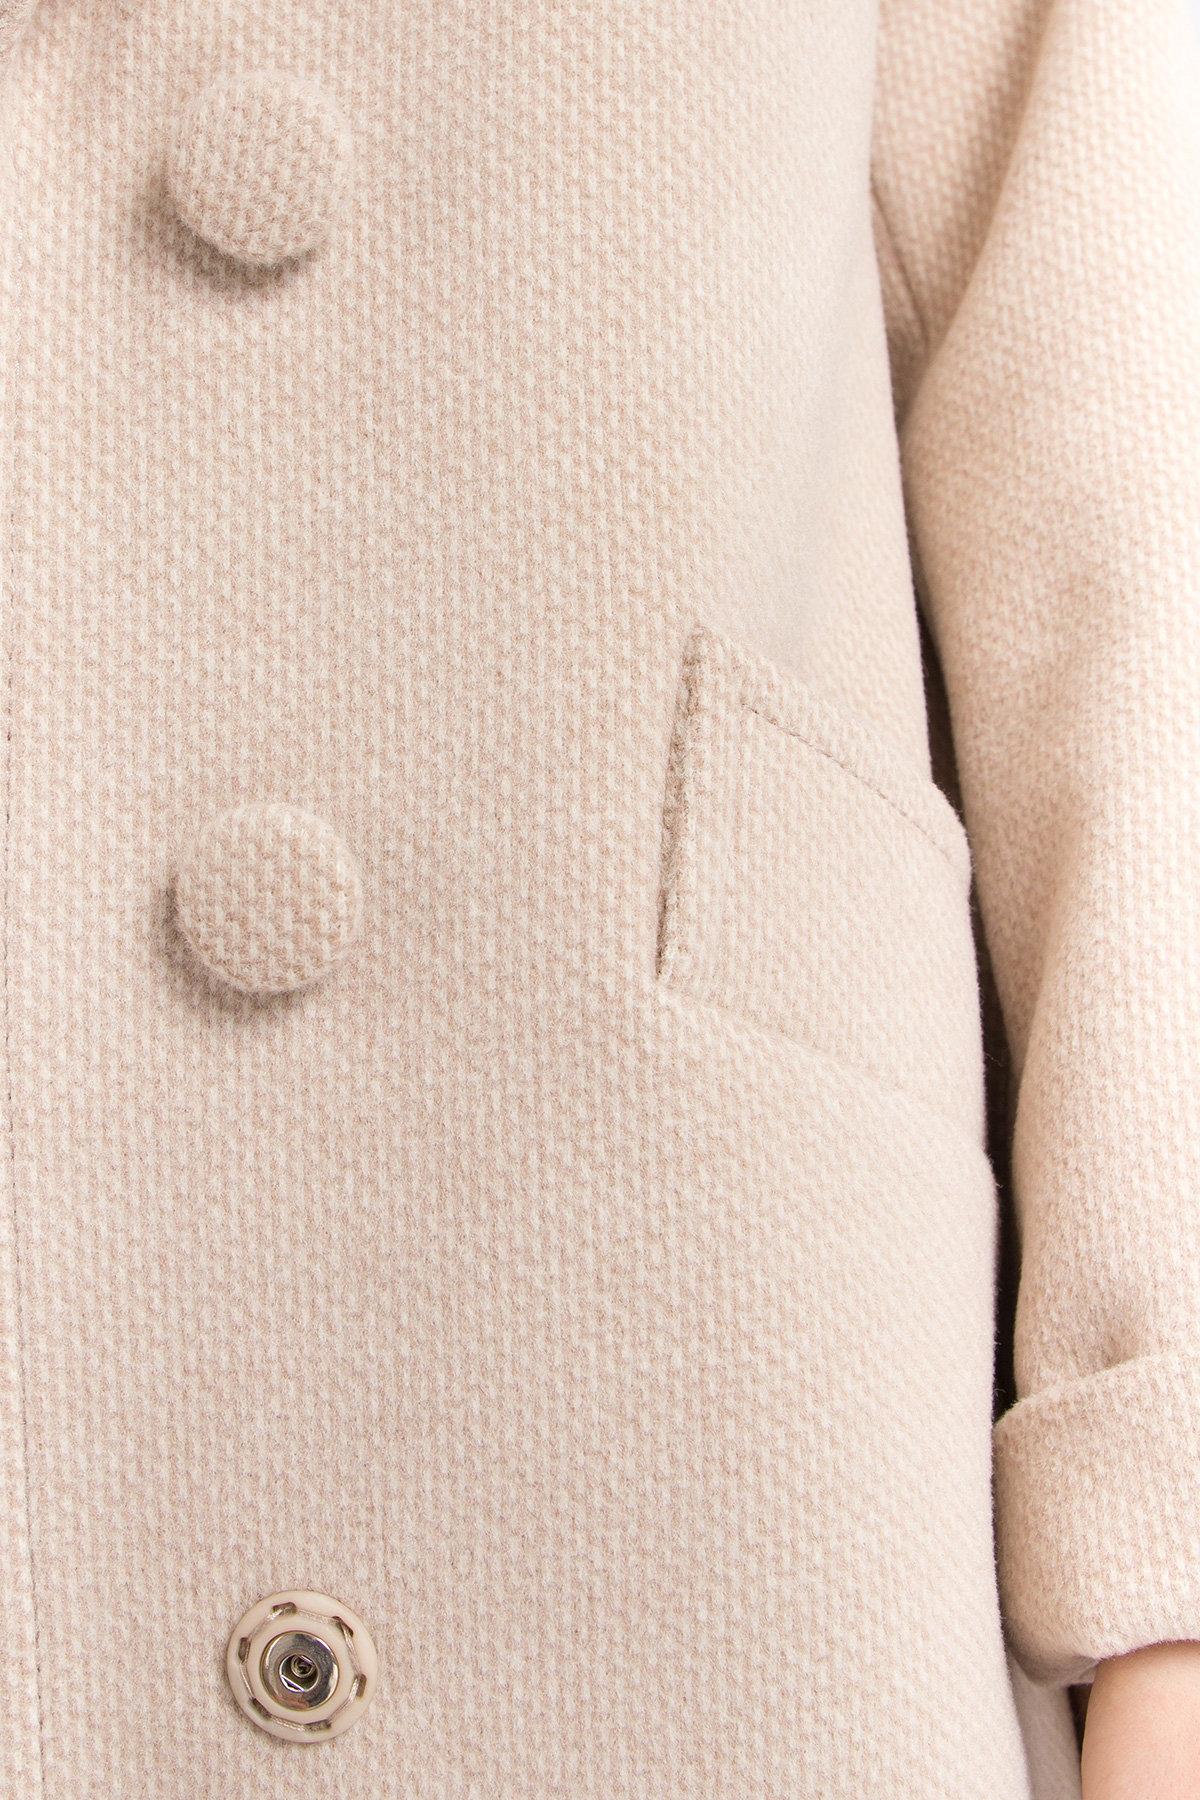 Кашемировое пальто Вейсона 8803 АРТ. 45174 Цвет: Бежевый - фото 10, интернет магазин tm-modus.ru